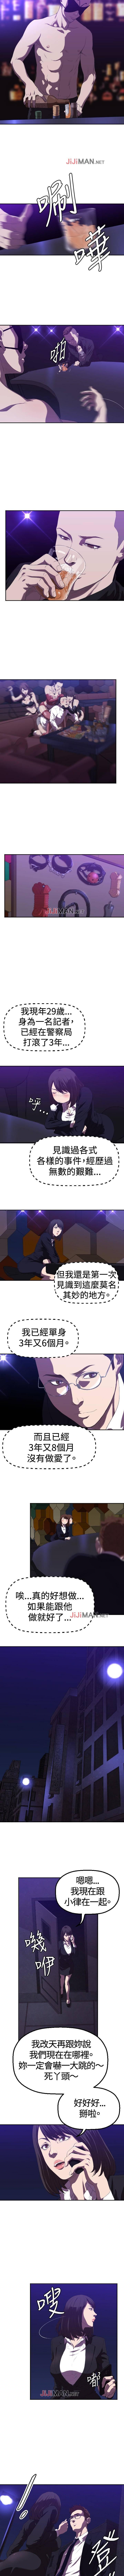 【已完结】索多玛俱乐部(作者:何藝媛&庫奈尼) 第1~32话 2